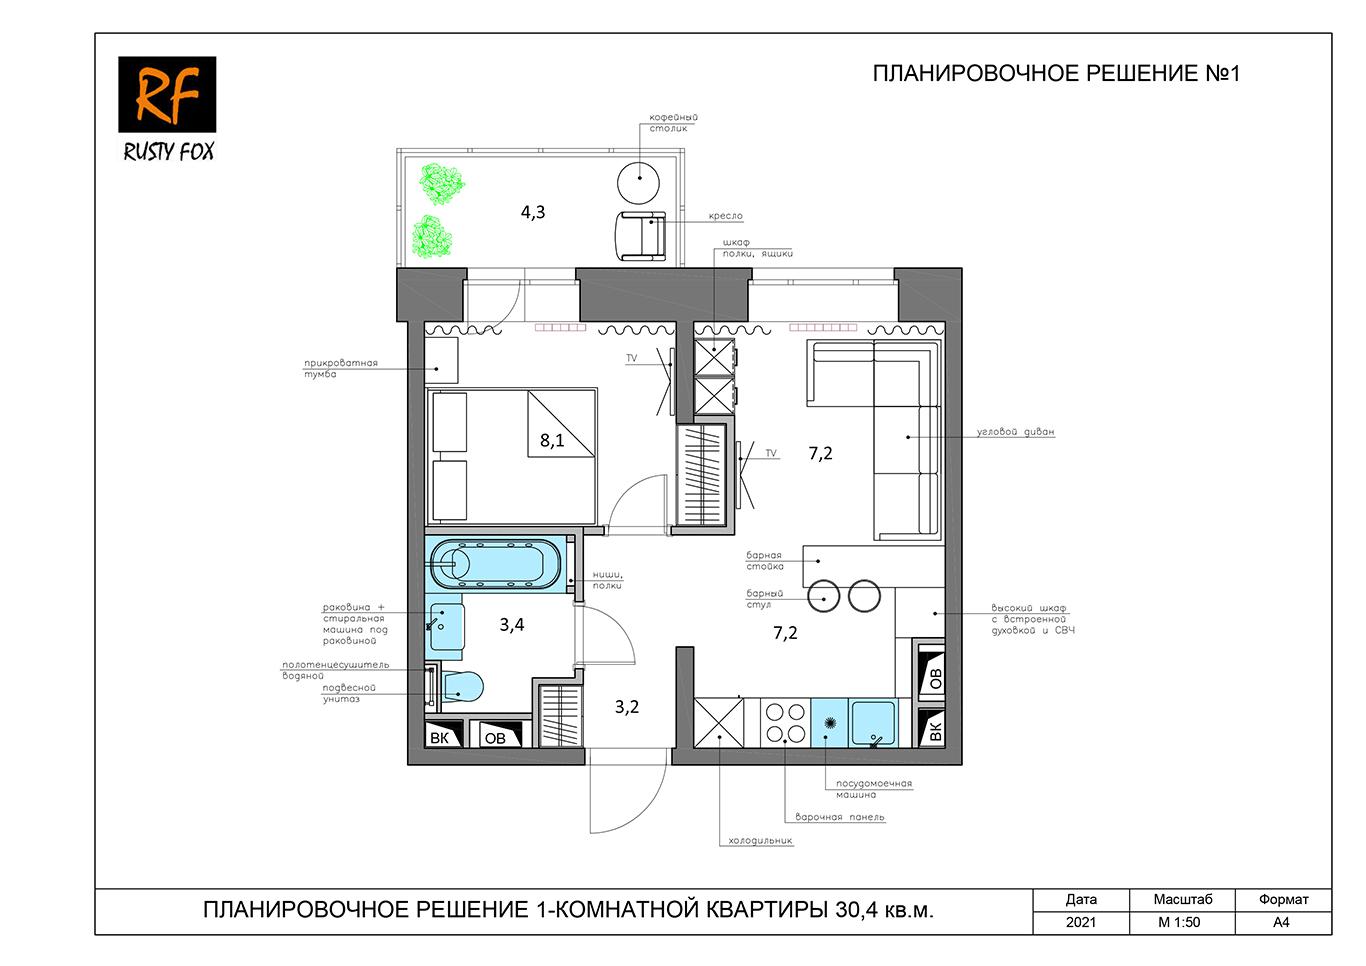 ЖК Люберцы корпус 52, секция 2. Планировочное решение №1 1-комнотной квартира 30,4 кв.м.